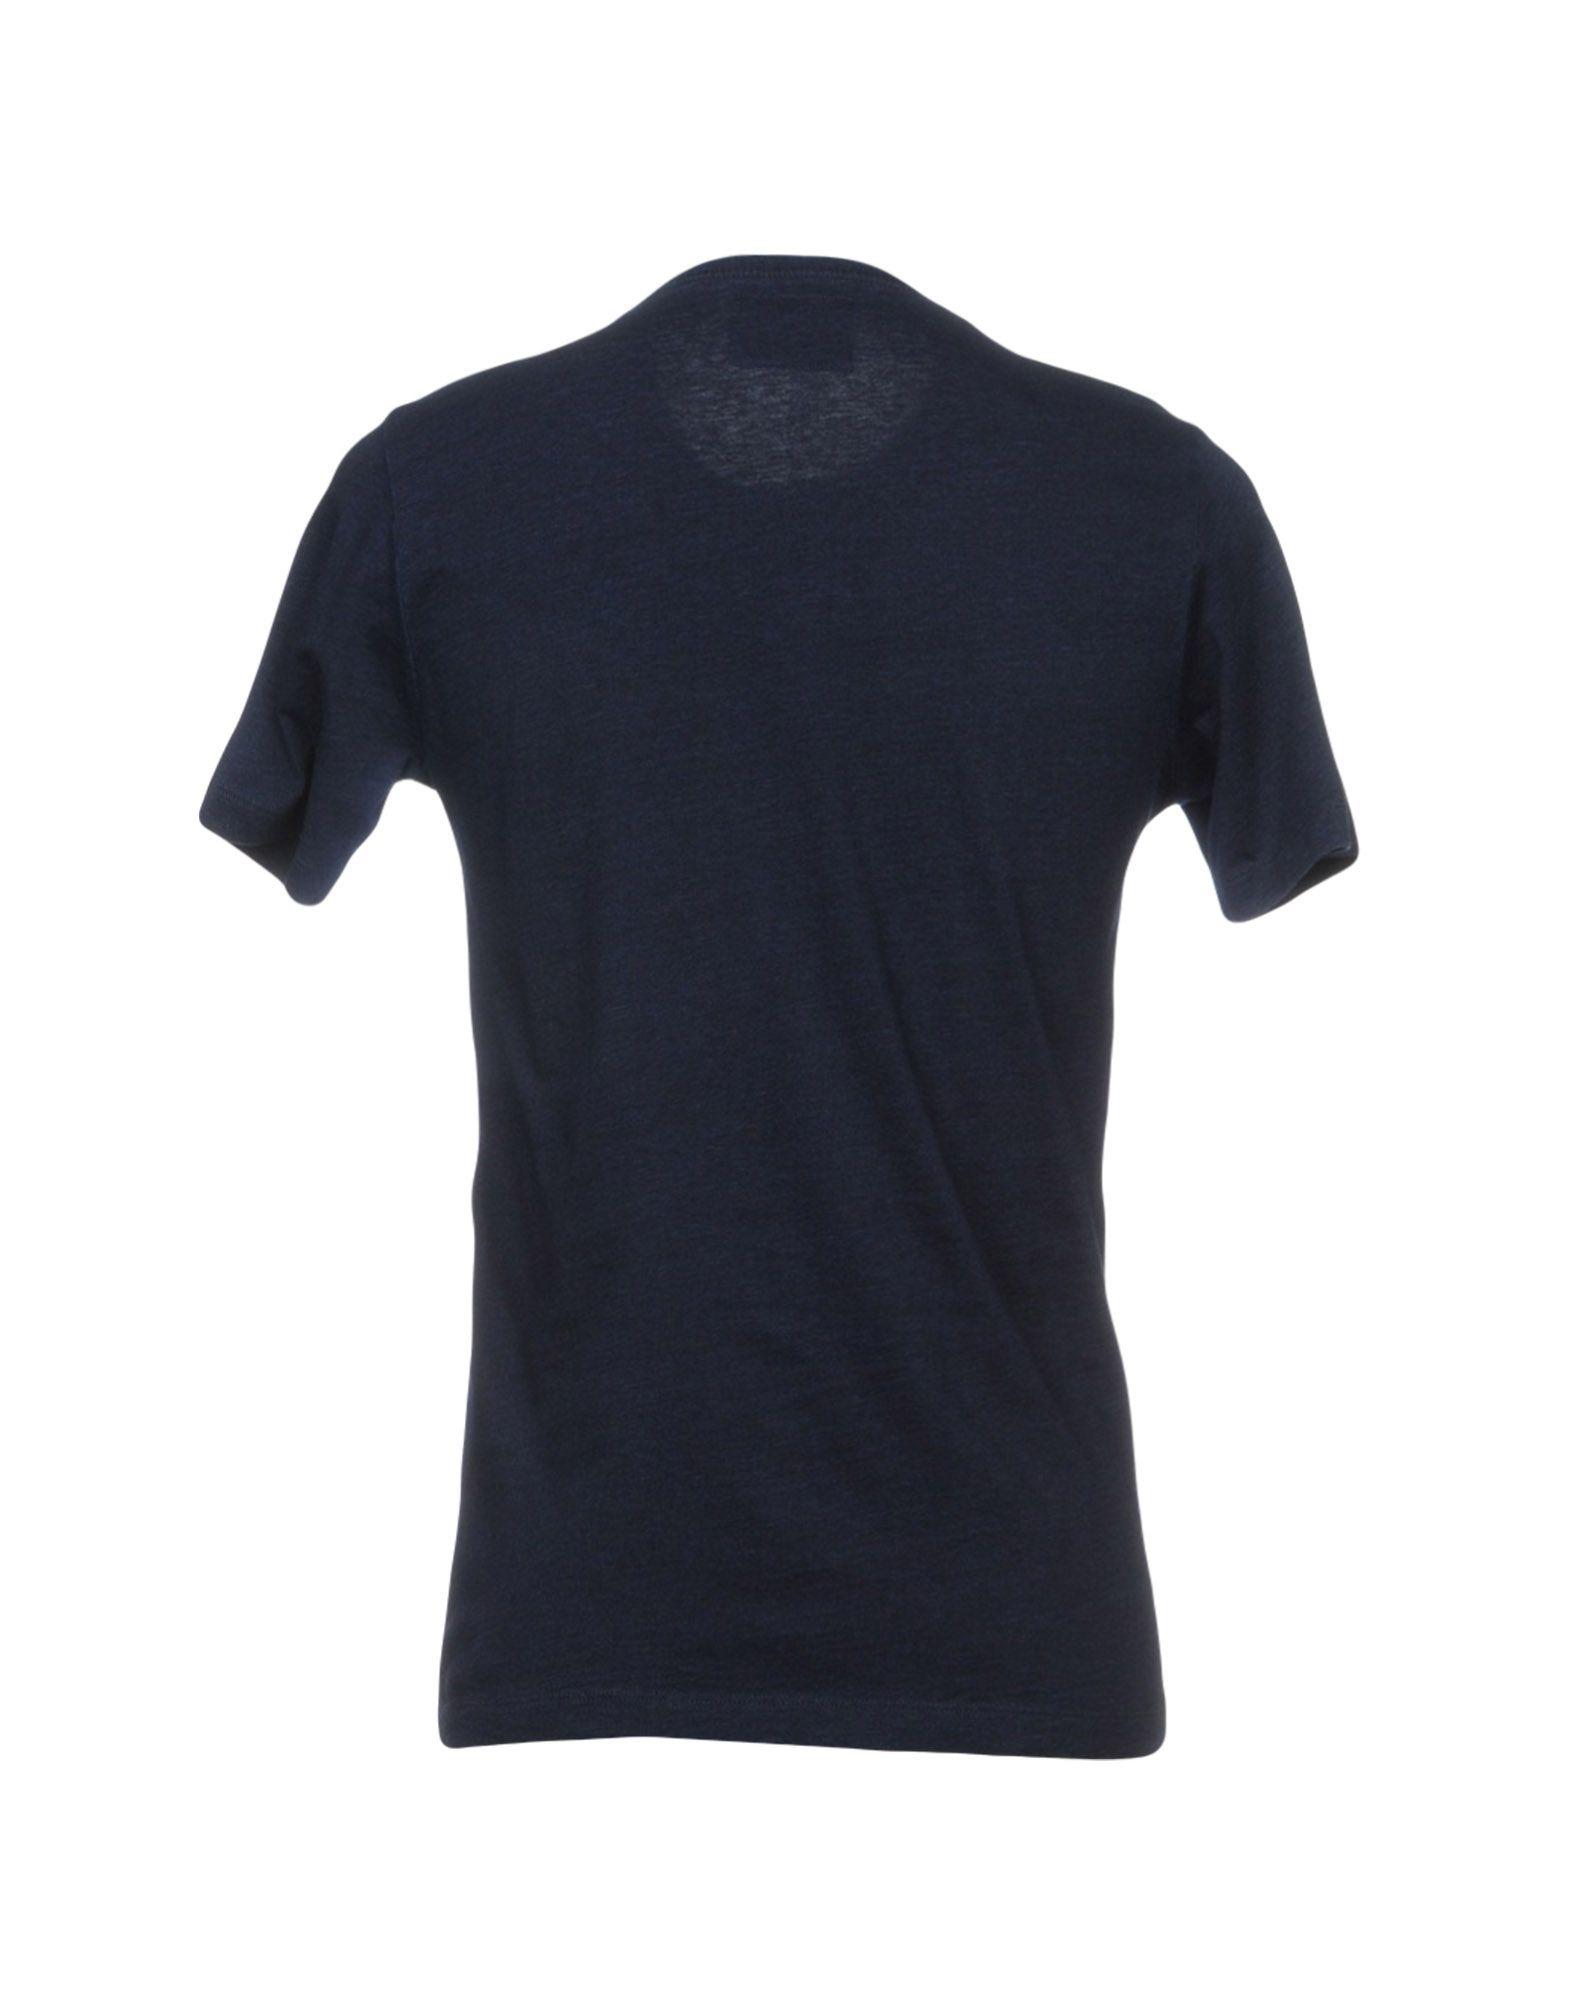 T-Shirt Altea Dal 1973 Uomo - - Uomo 12092017EB c24c9d